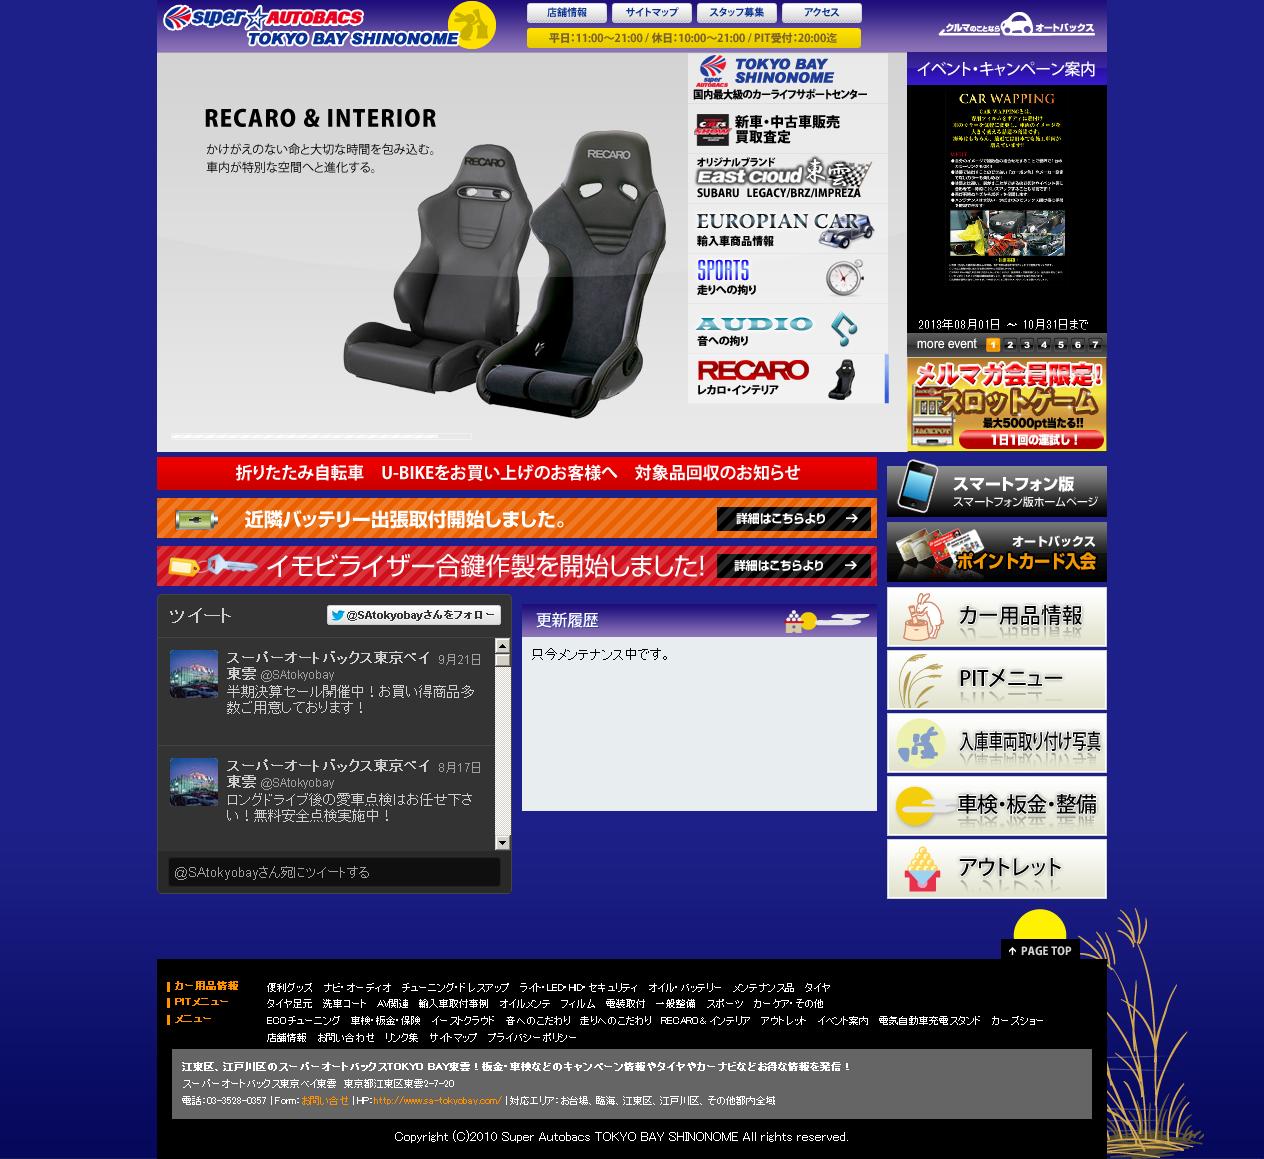 スーパーオートバックス東京ベイ東雲様の実績イメージ